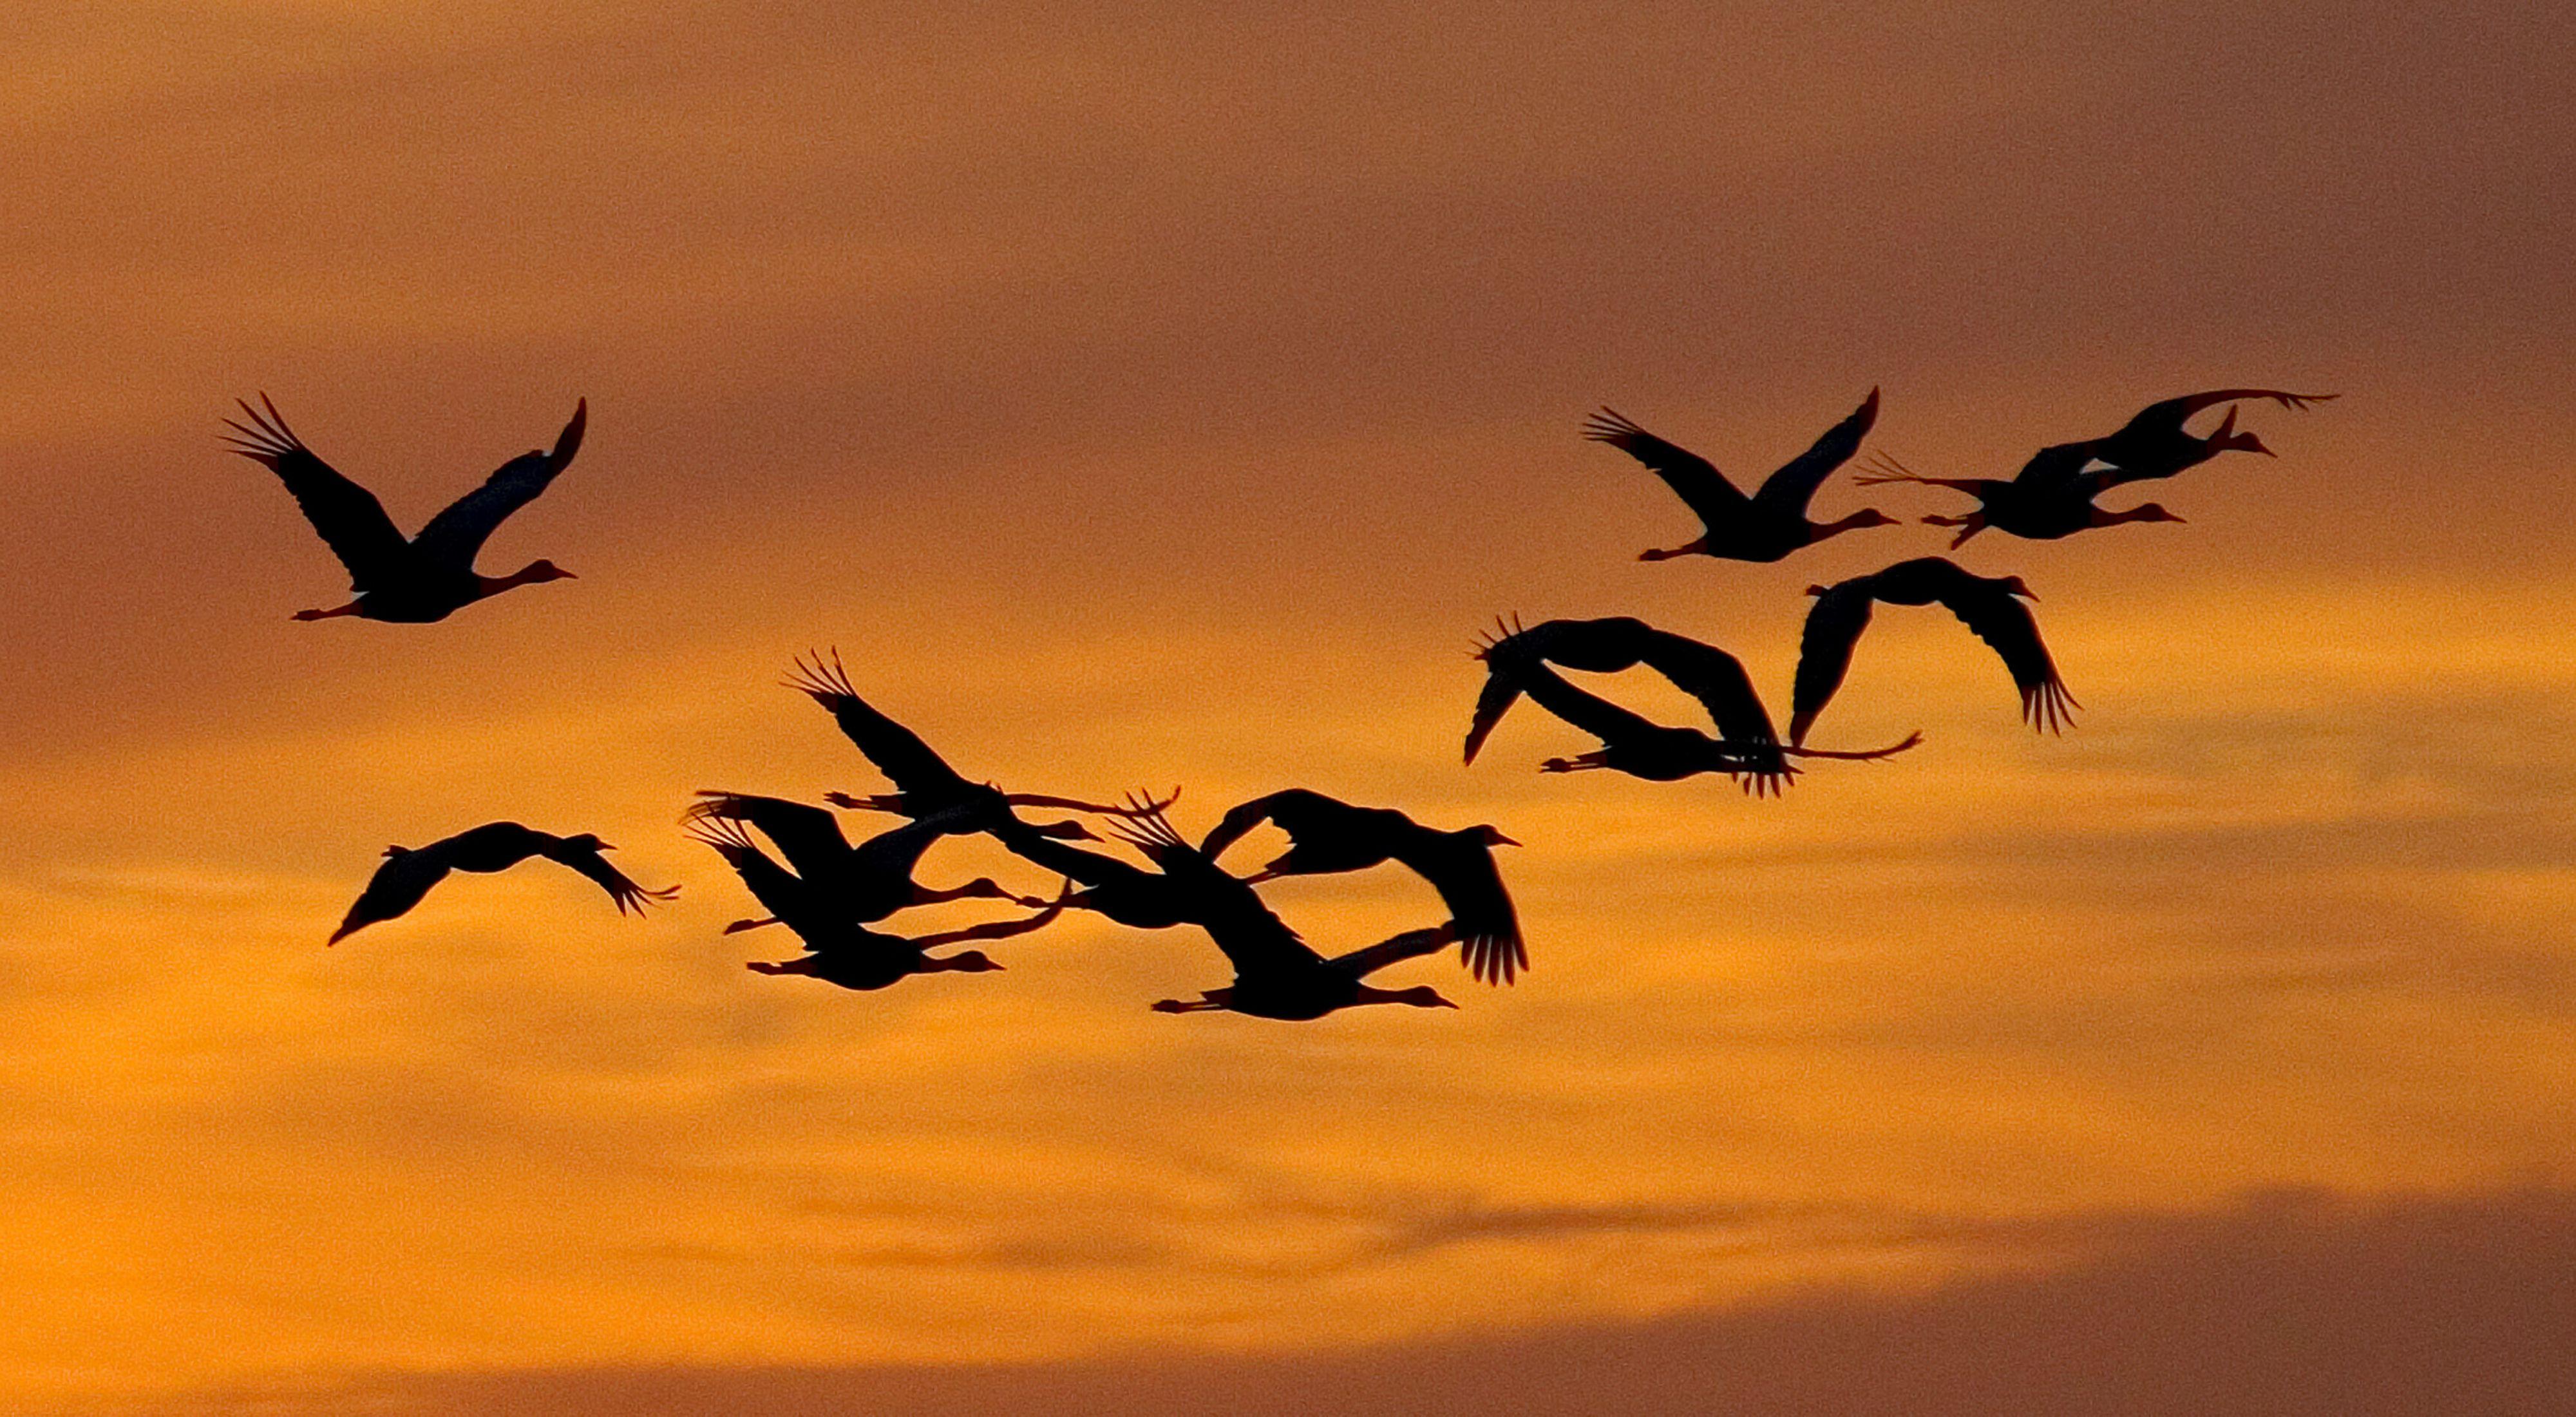 Silhouetted against an orange sky, sandhill cranes fly near the Platte River in Nebraska.